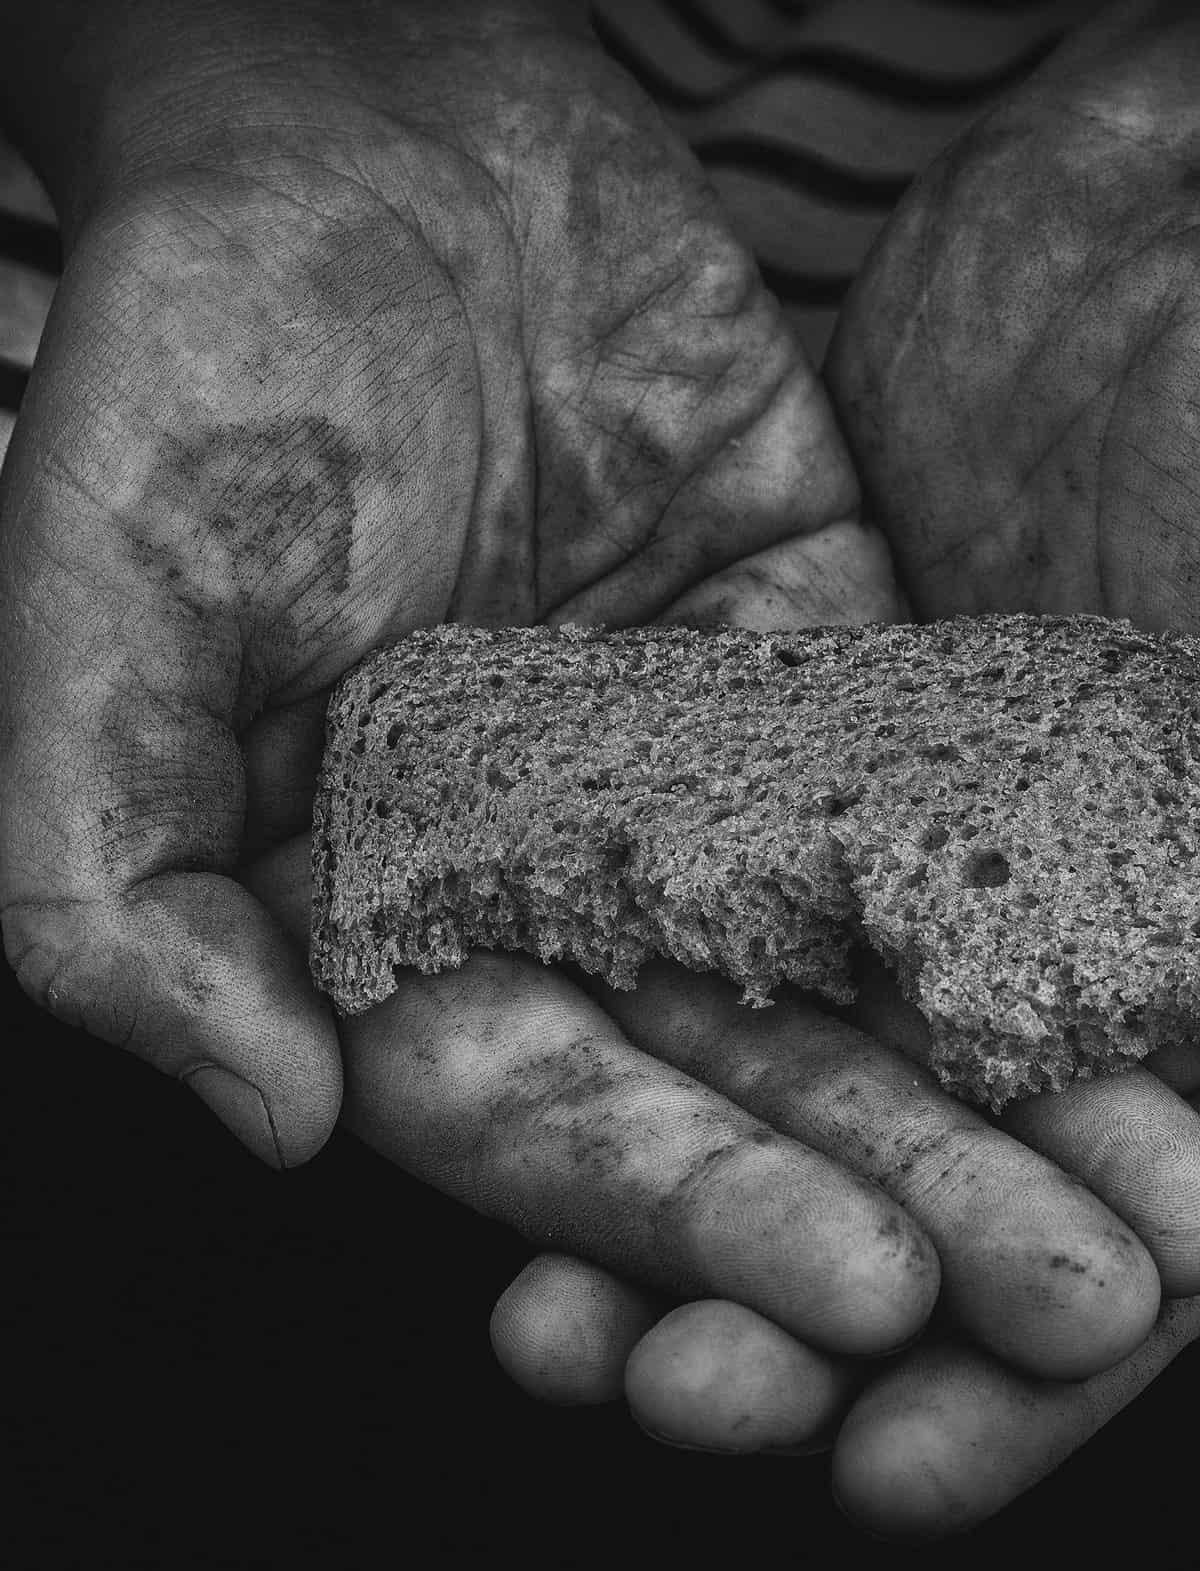 Zwei Hände halten ein angebissenes Brot, schwarz-weiß